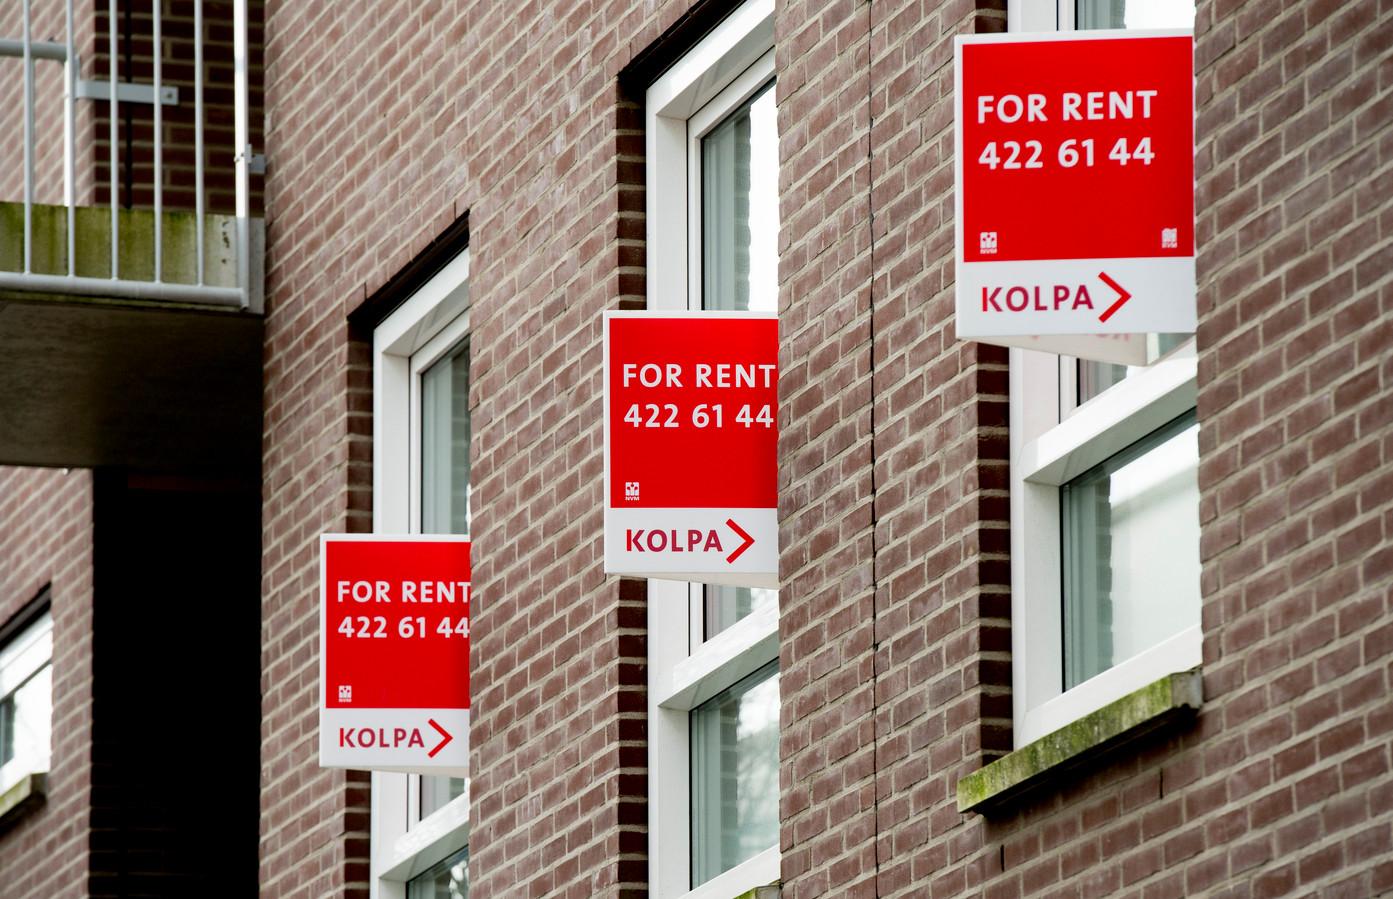 Huizen staan te huur in Rotterdam